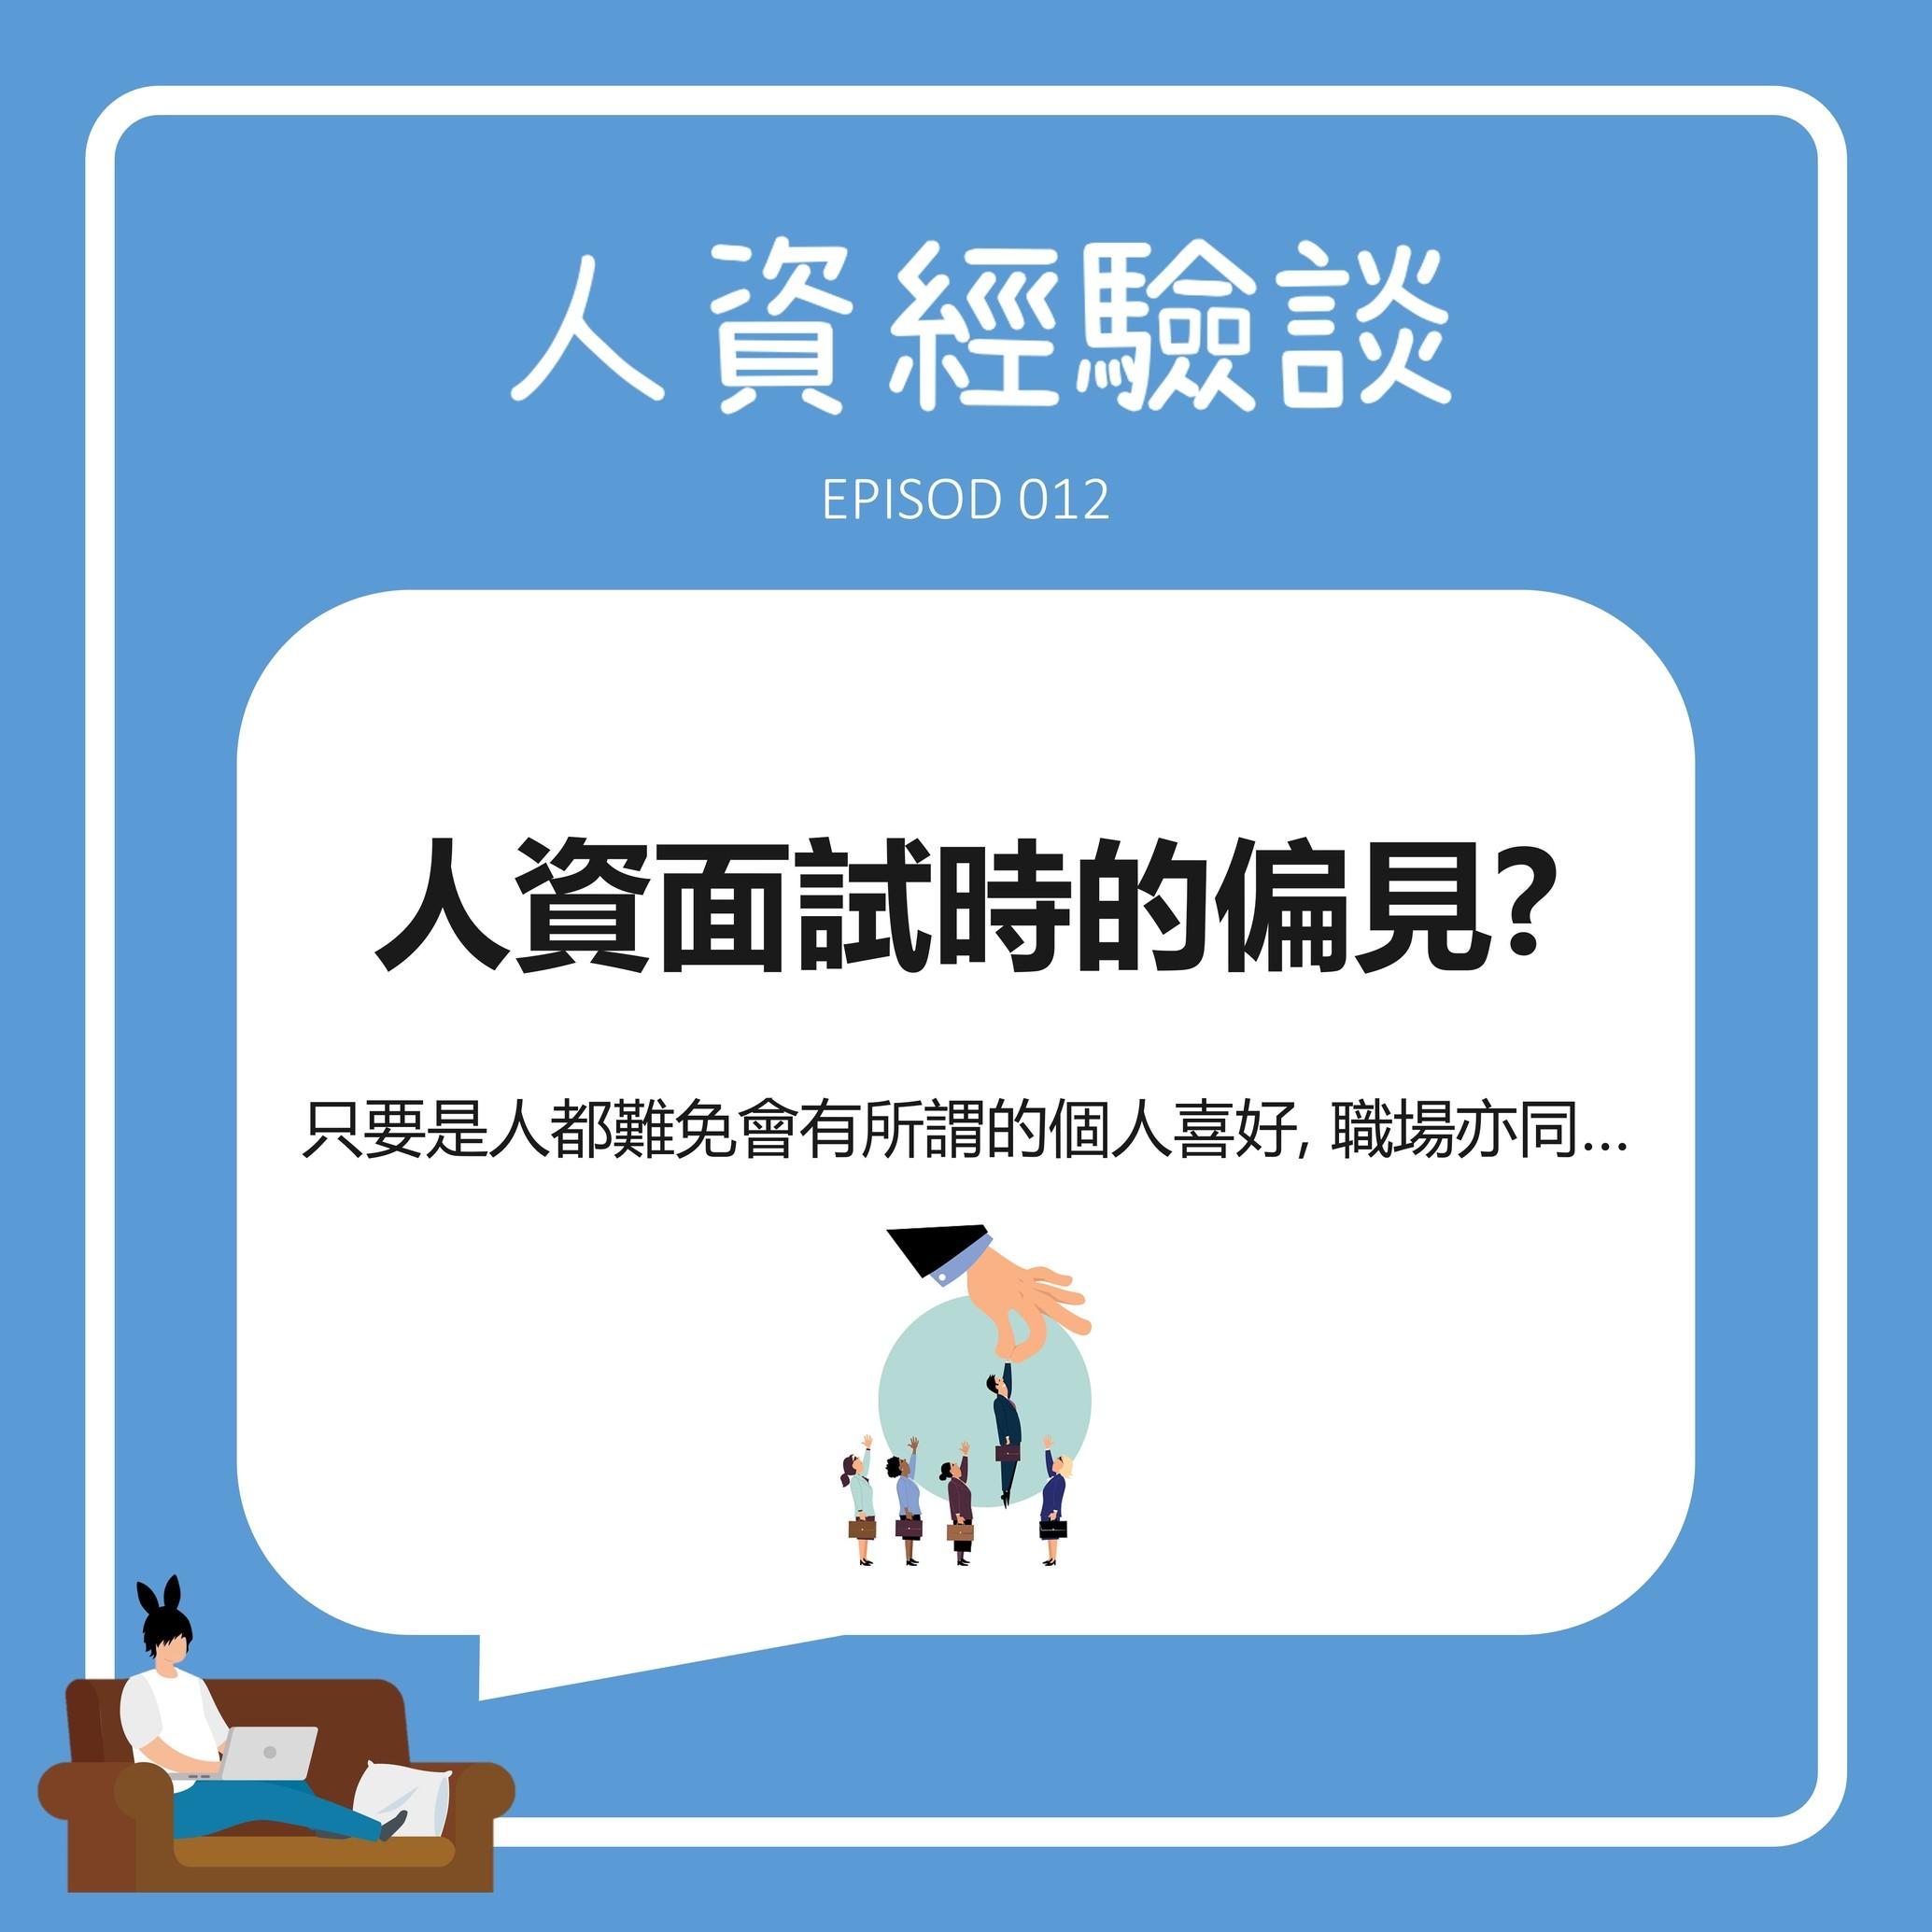 EP 012 - [ 人資經驗談 ] 人資面試時的偏見? 只要是人都難免會有所謂的個人喜好, 職場亦同...